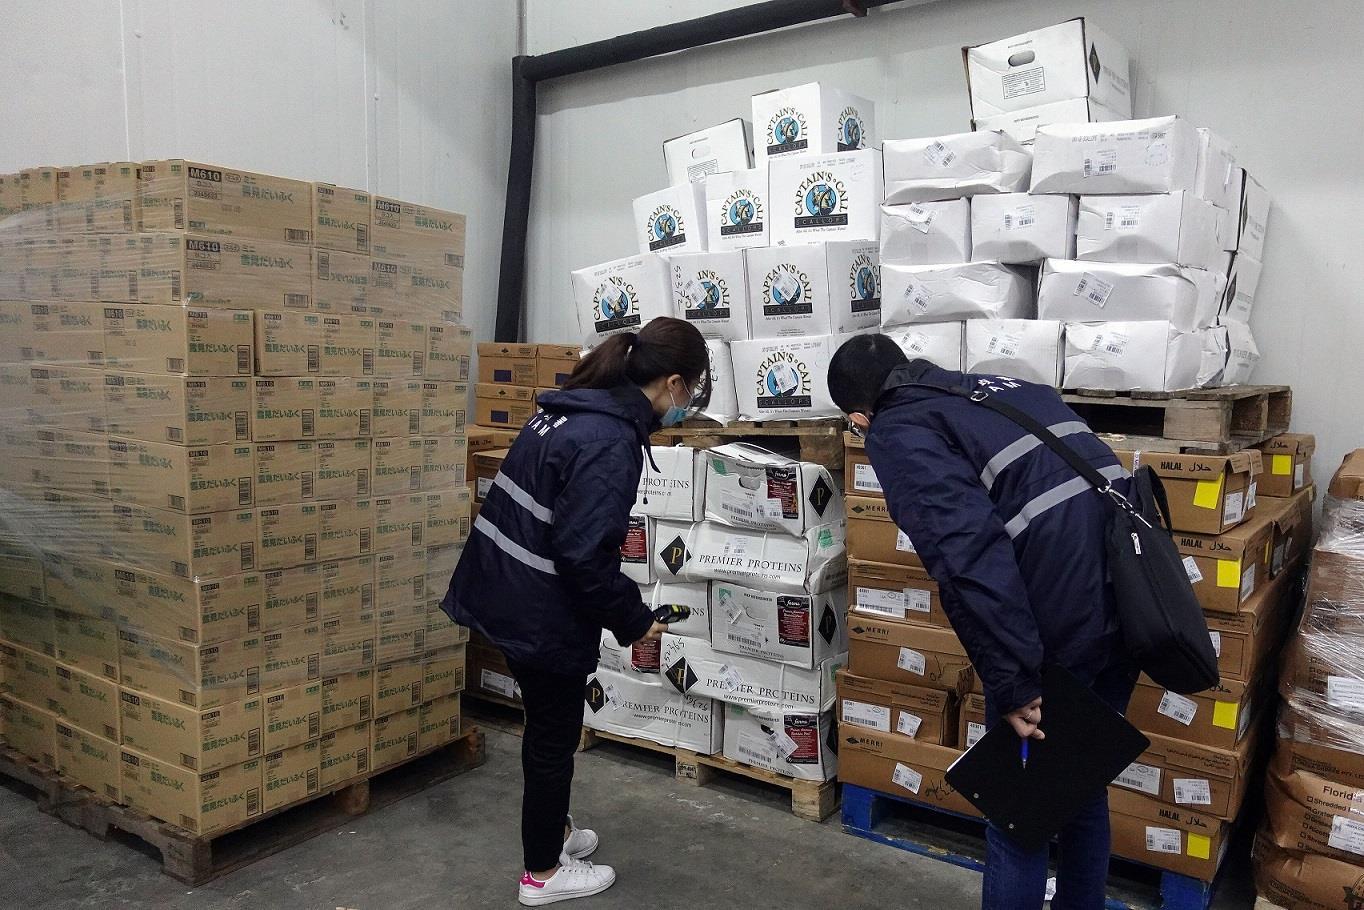 市政署加强冷链食品外包装消毒 冀业界严格落实同守新冠防疫线